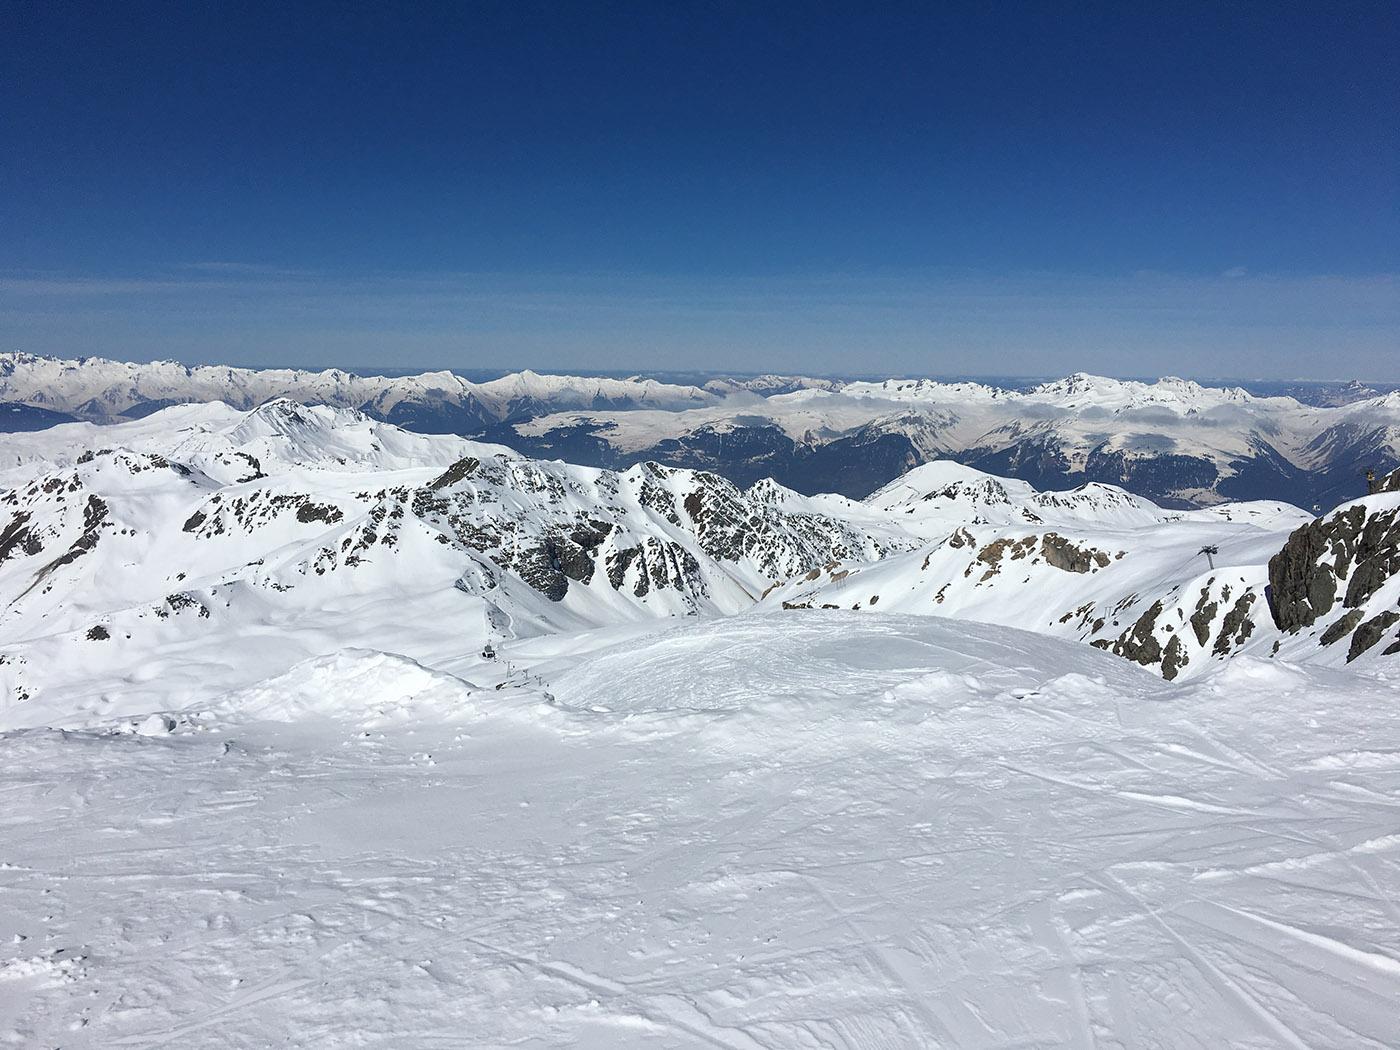 chaine de montagne photographié depuis les pistes de ski de La Plagne